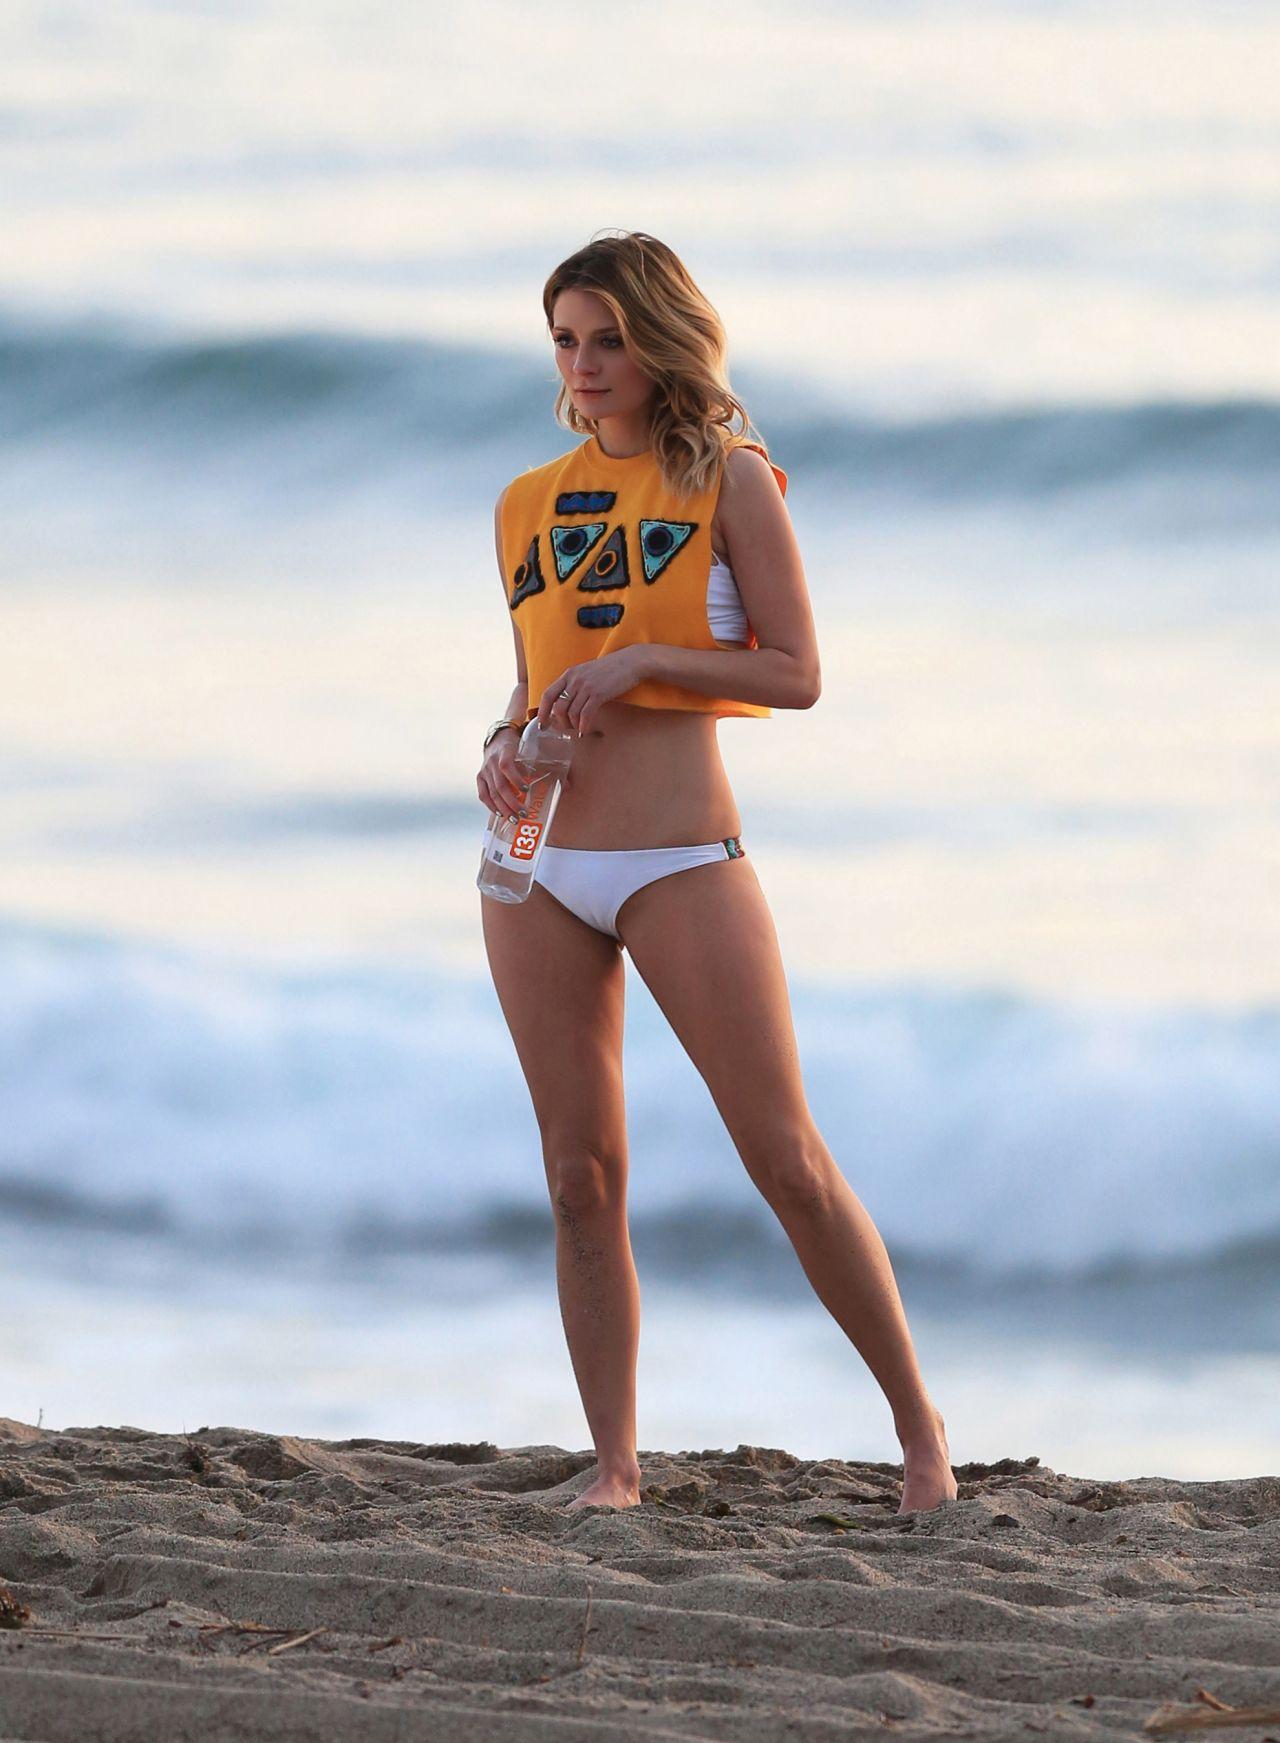 barton hot bikini Mischa